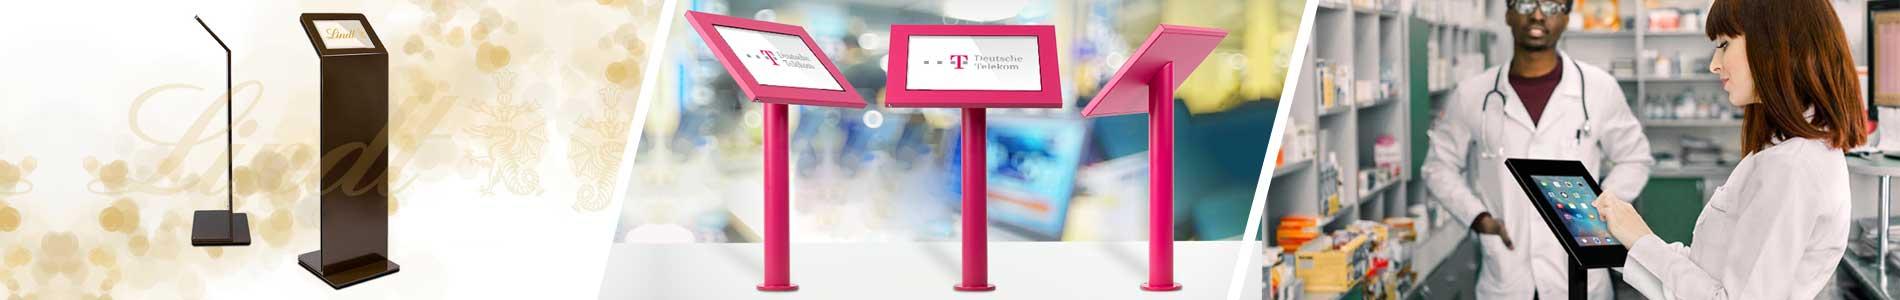 TabLines Tablet Wandhalter / Bodenständer